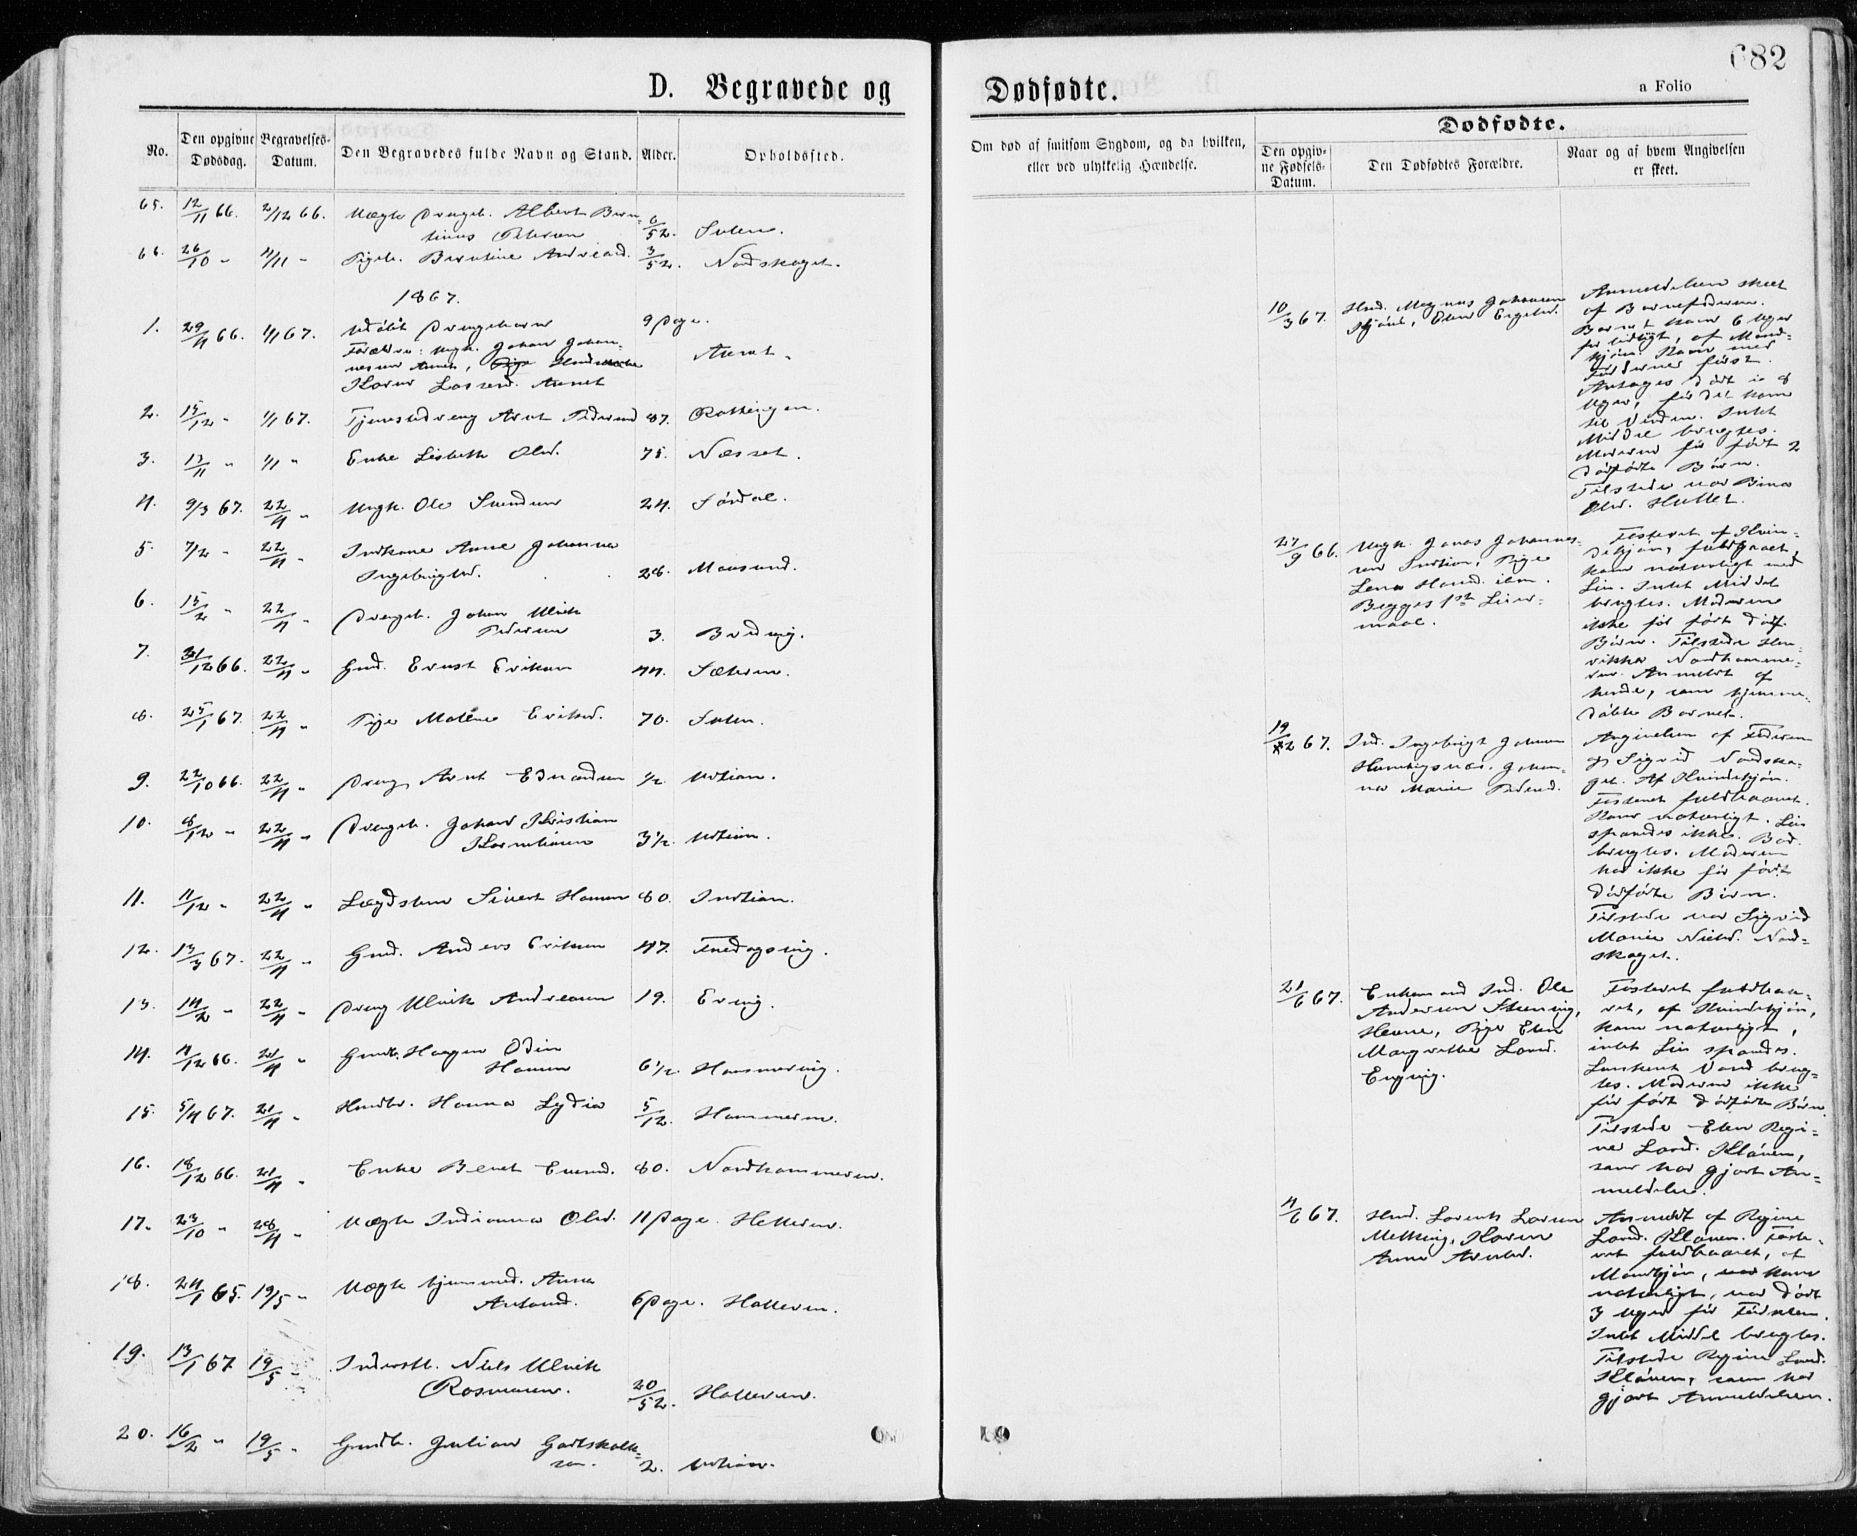 SAT, Ministerialprotokoller, klokkerbøker og fødselsregistre - Sør-Trøndelag, 640/L0576: Ministerialbok nr. 640A01, 1846-1876, s. 682